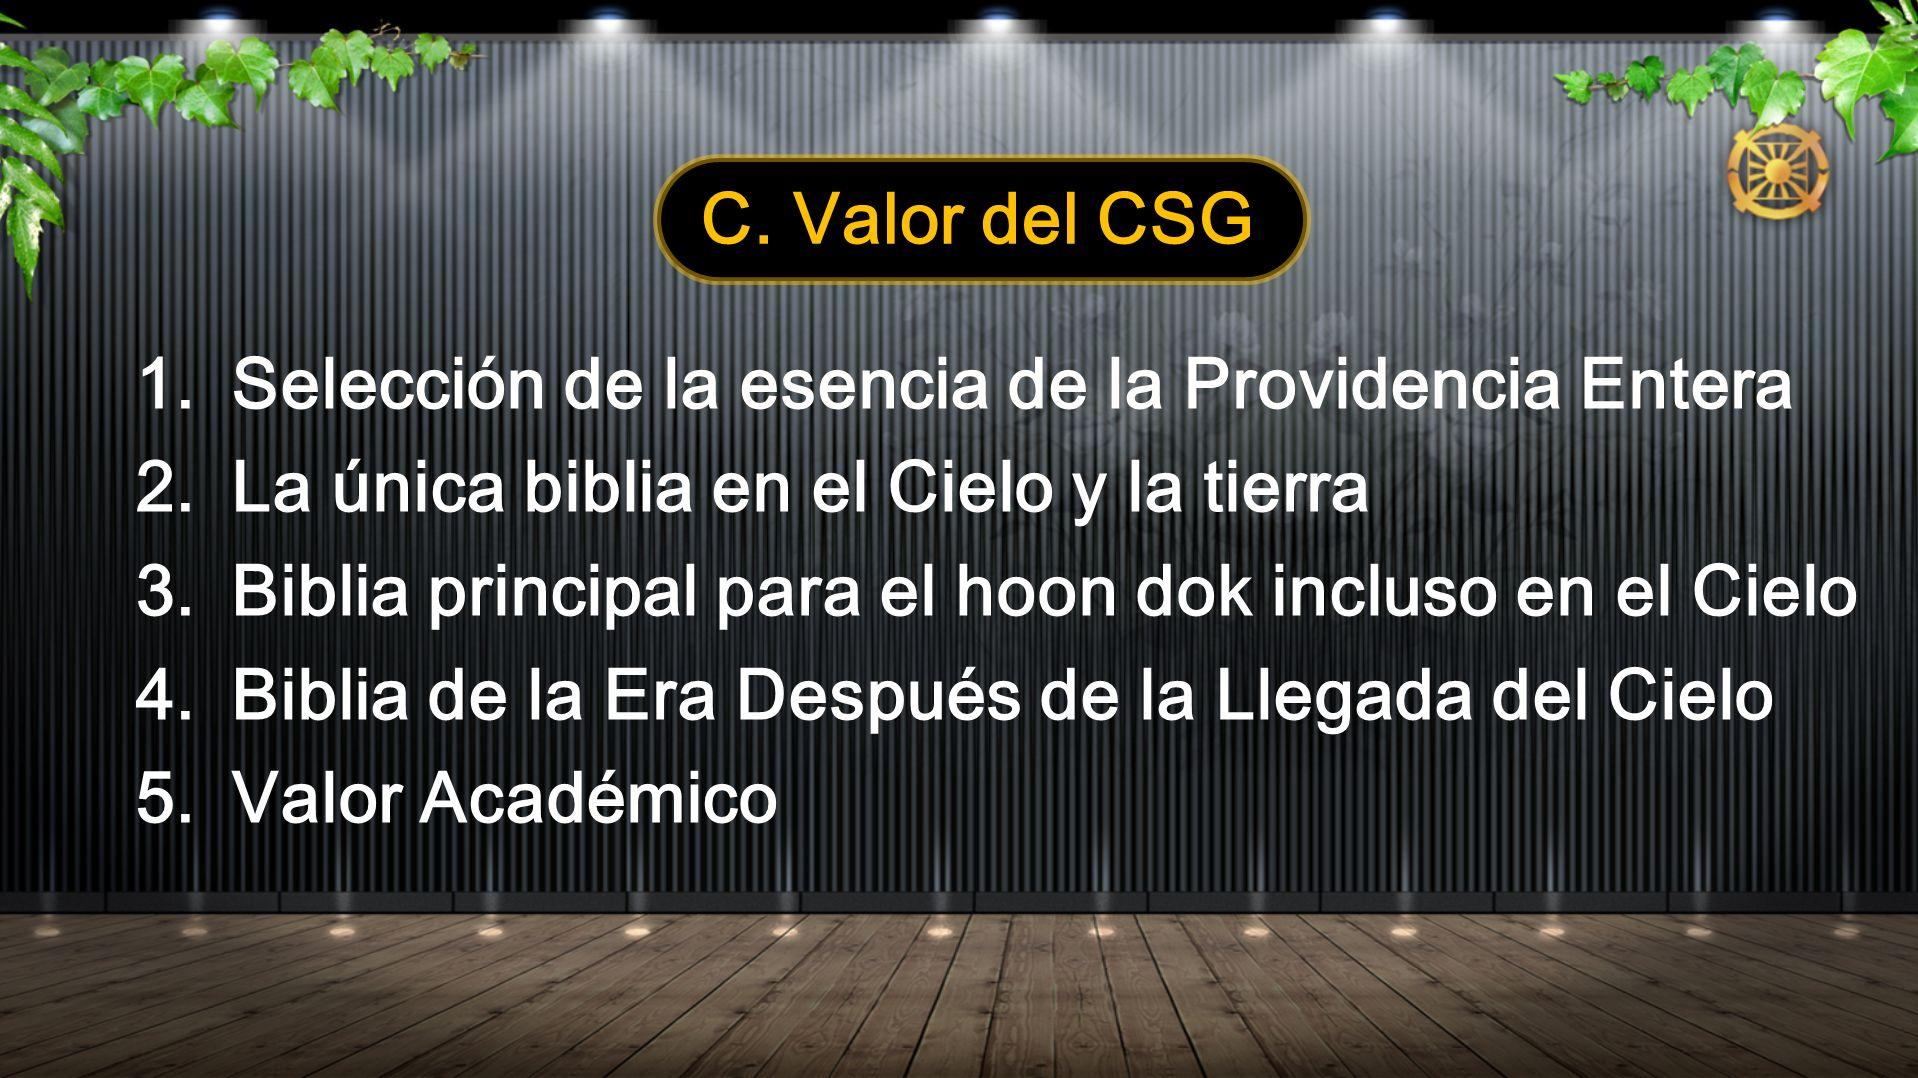 C. Valor del CSG Selección de la esencia de la Providencia Entera. La única biblia en el Cielo y la tierra.